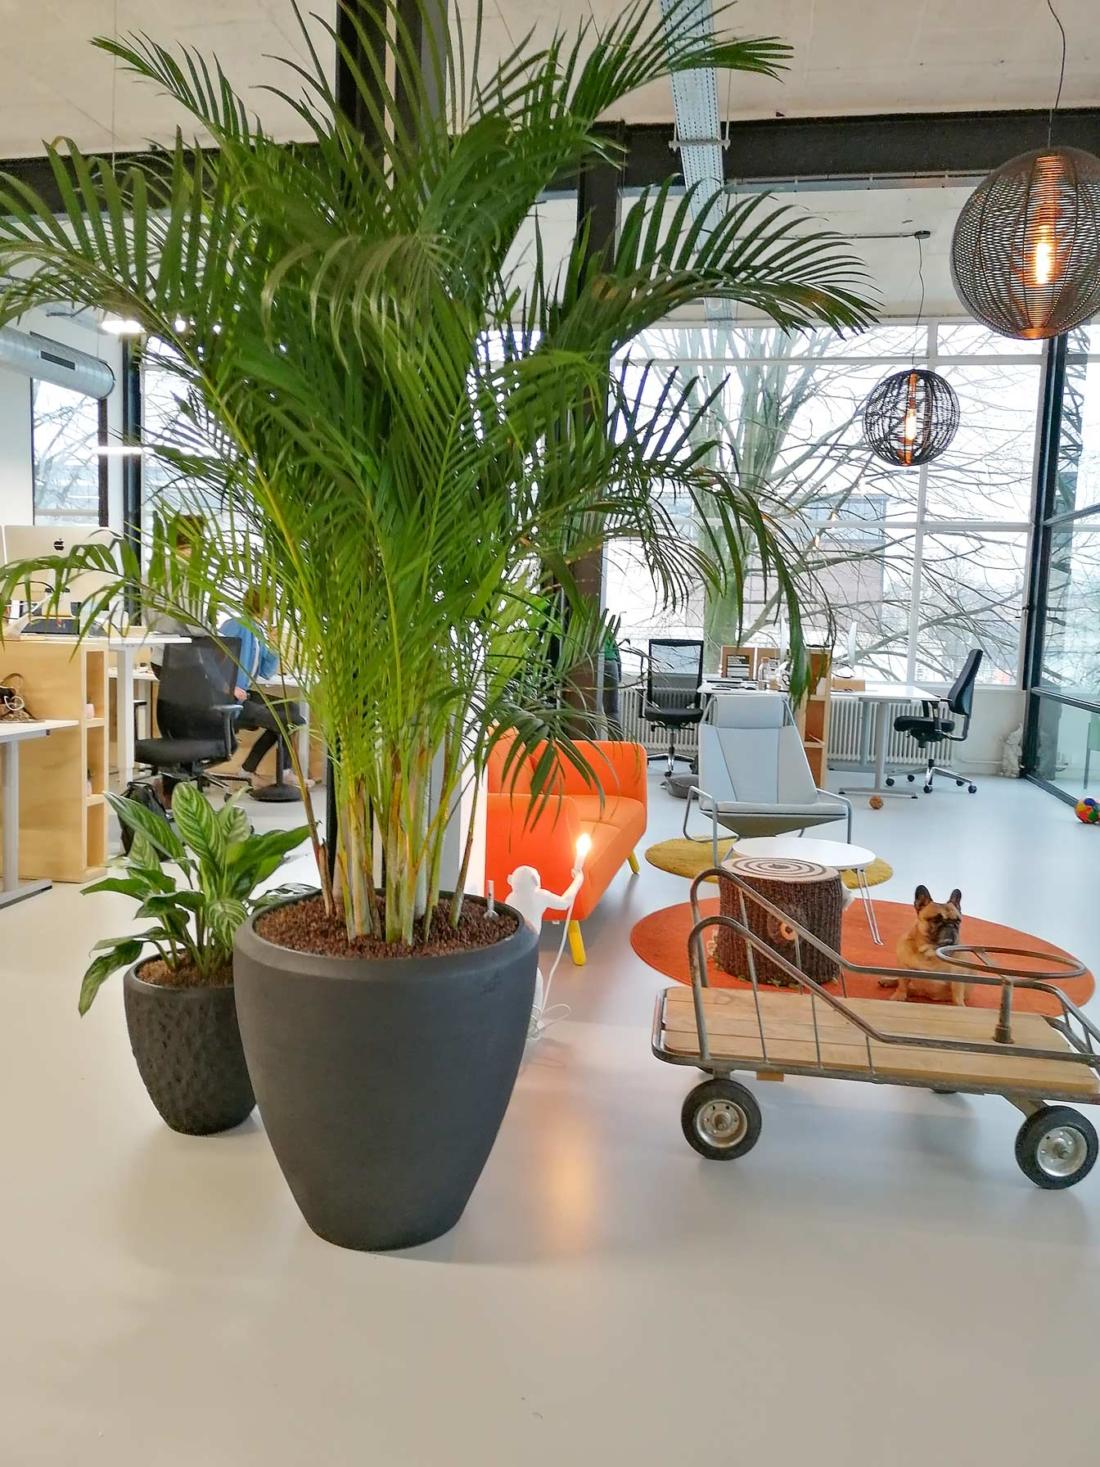 Polystone-plantenbakken-met-tropische-beplanting-kantoor-1-1100x1467.jpg